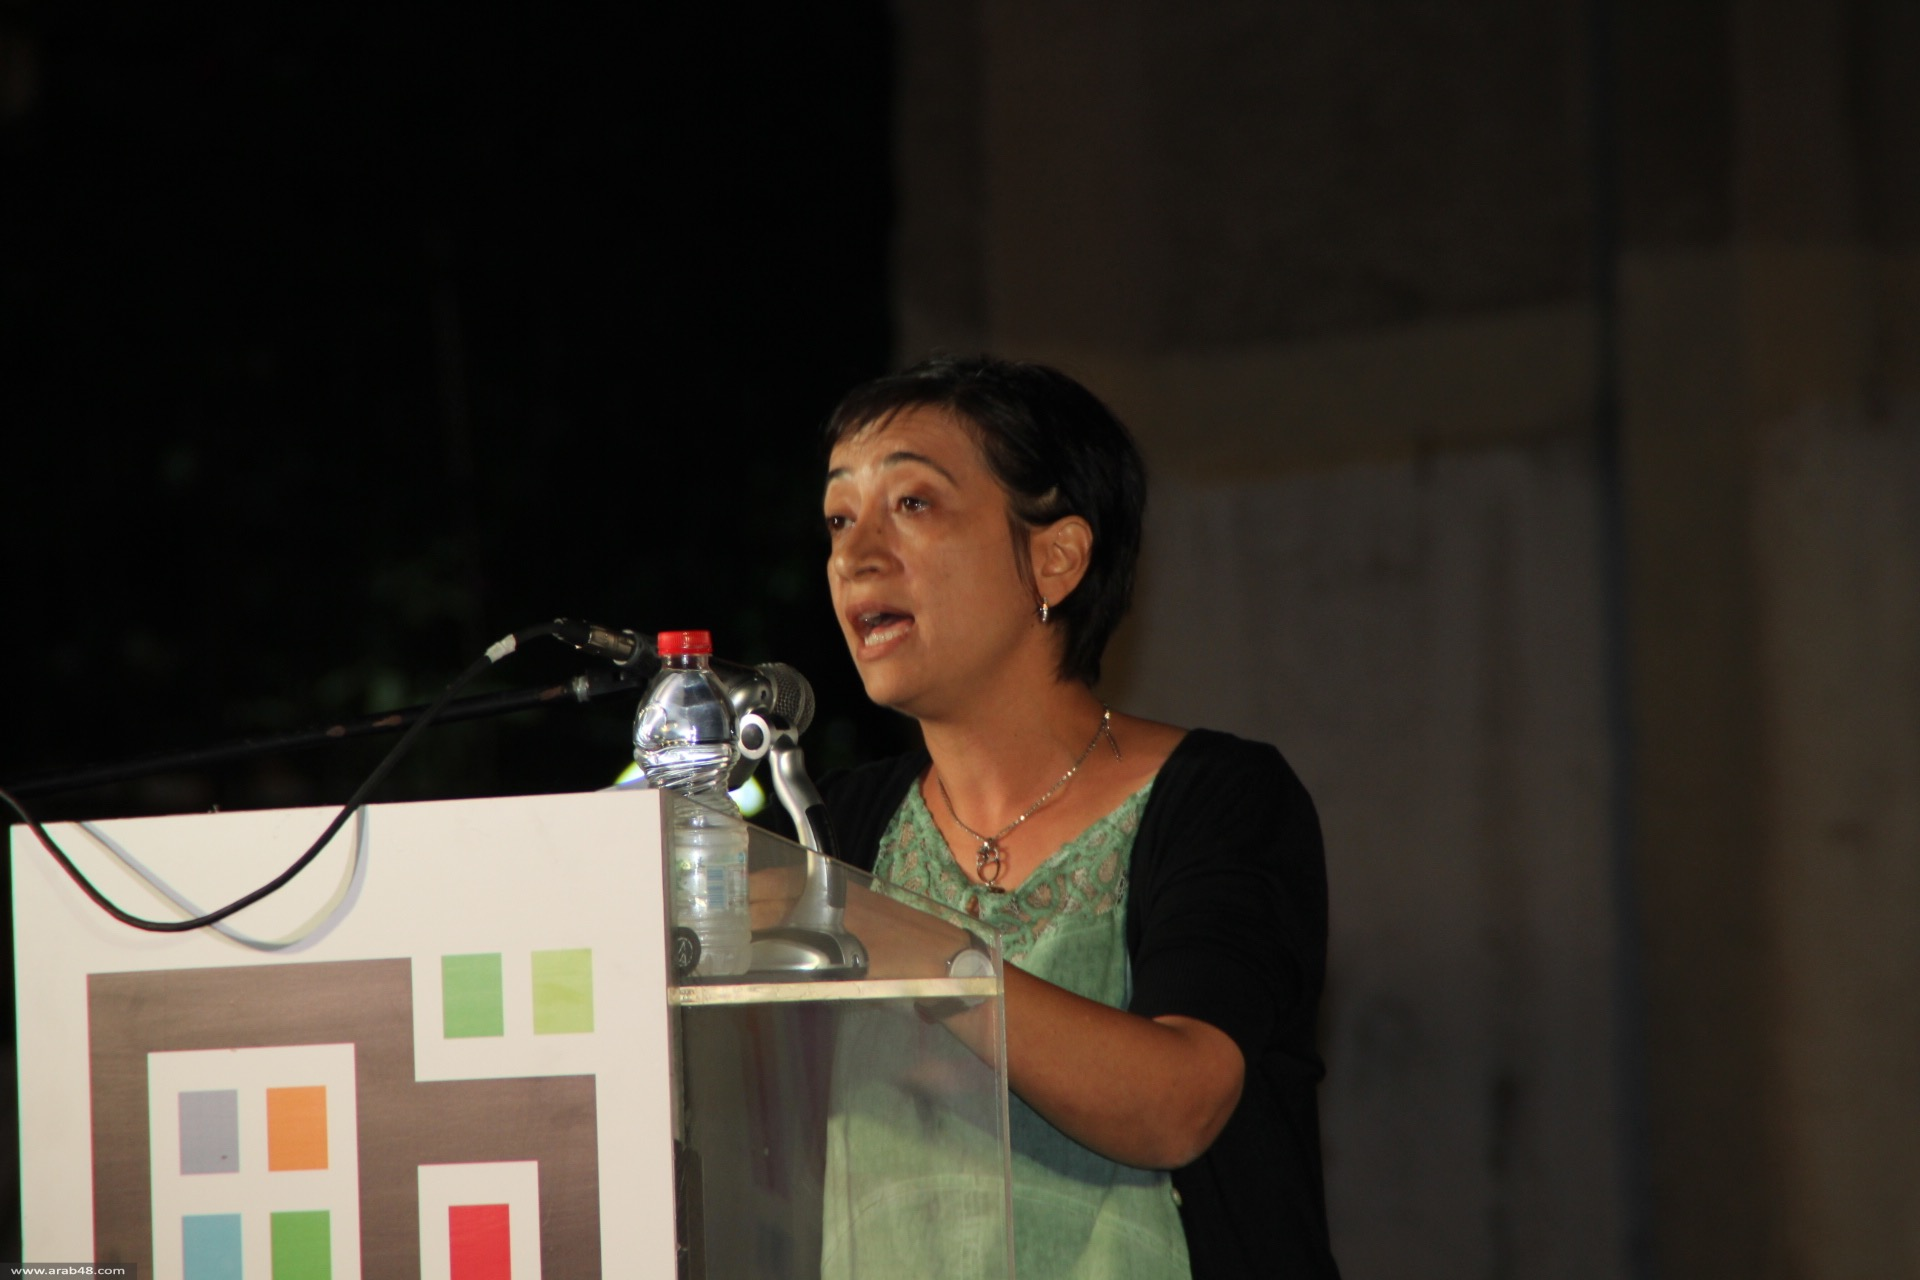 حيفا: أمسية احتفالية بالأدب الفلسطيني بمشاركة أدباء عرب